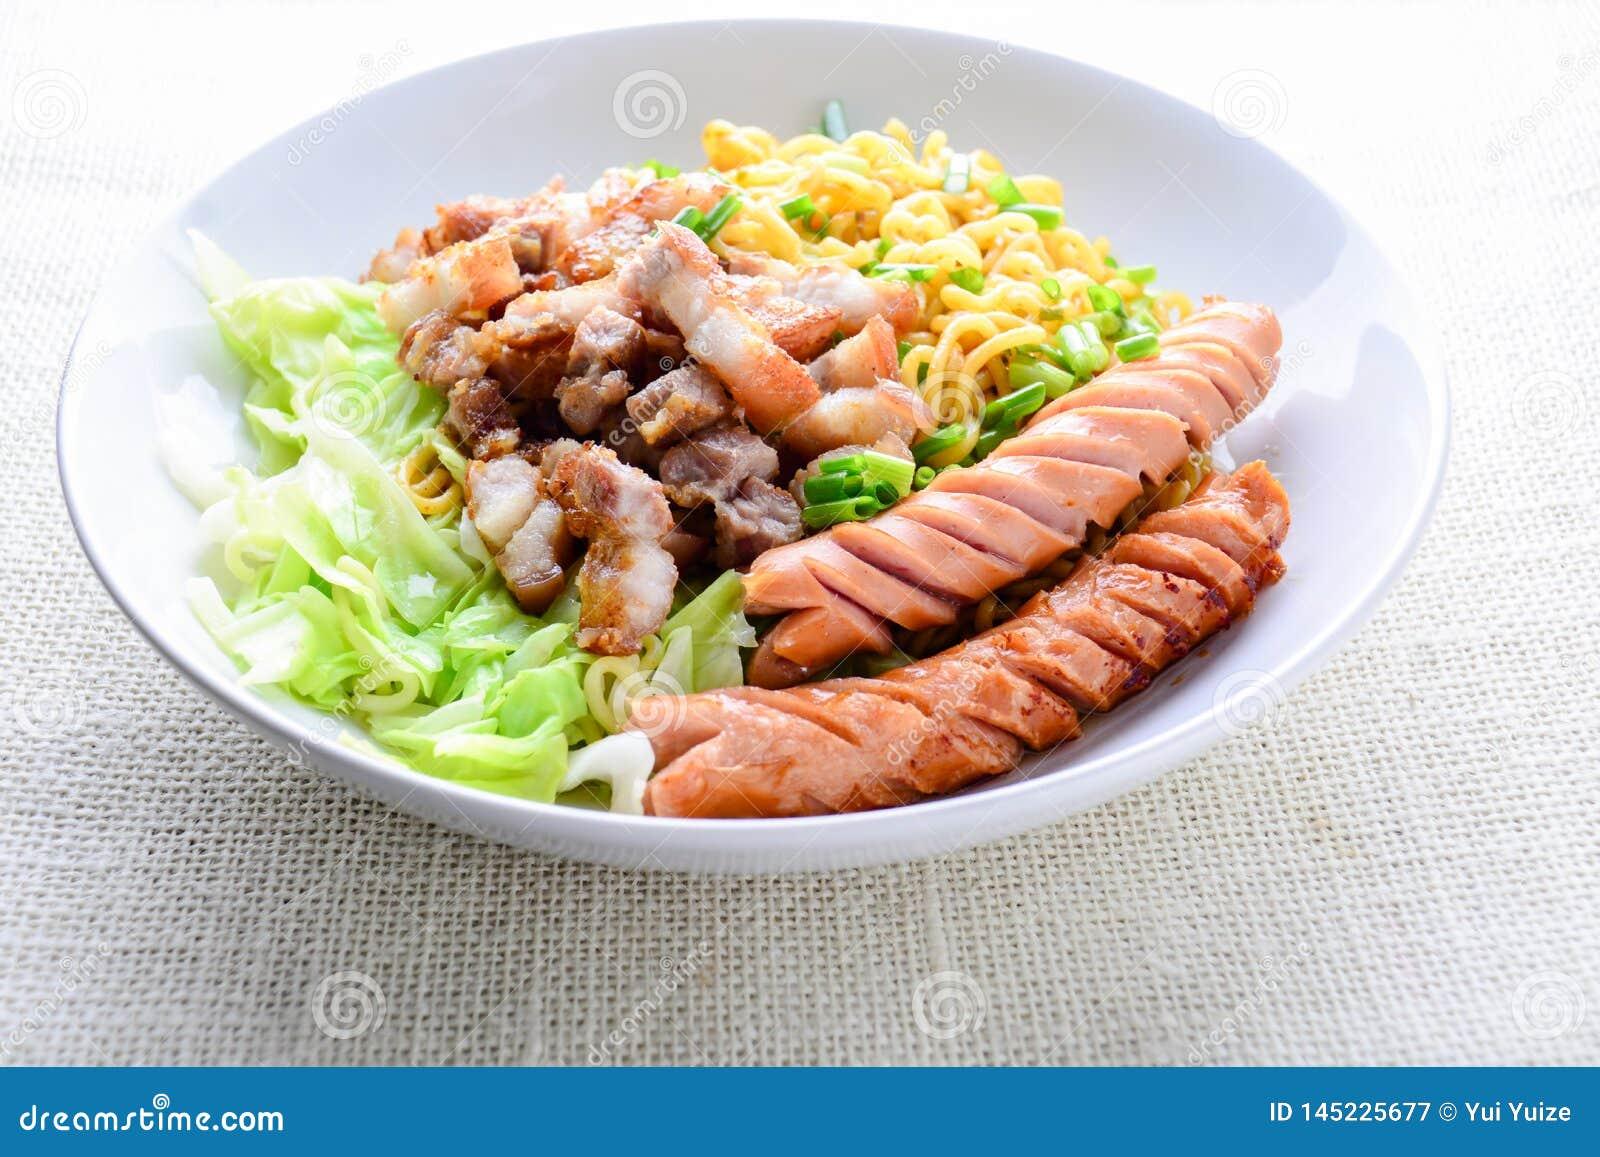 乌龙面面条用烤猪肉